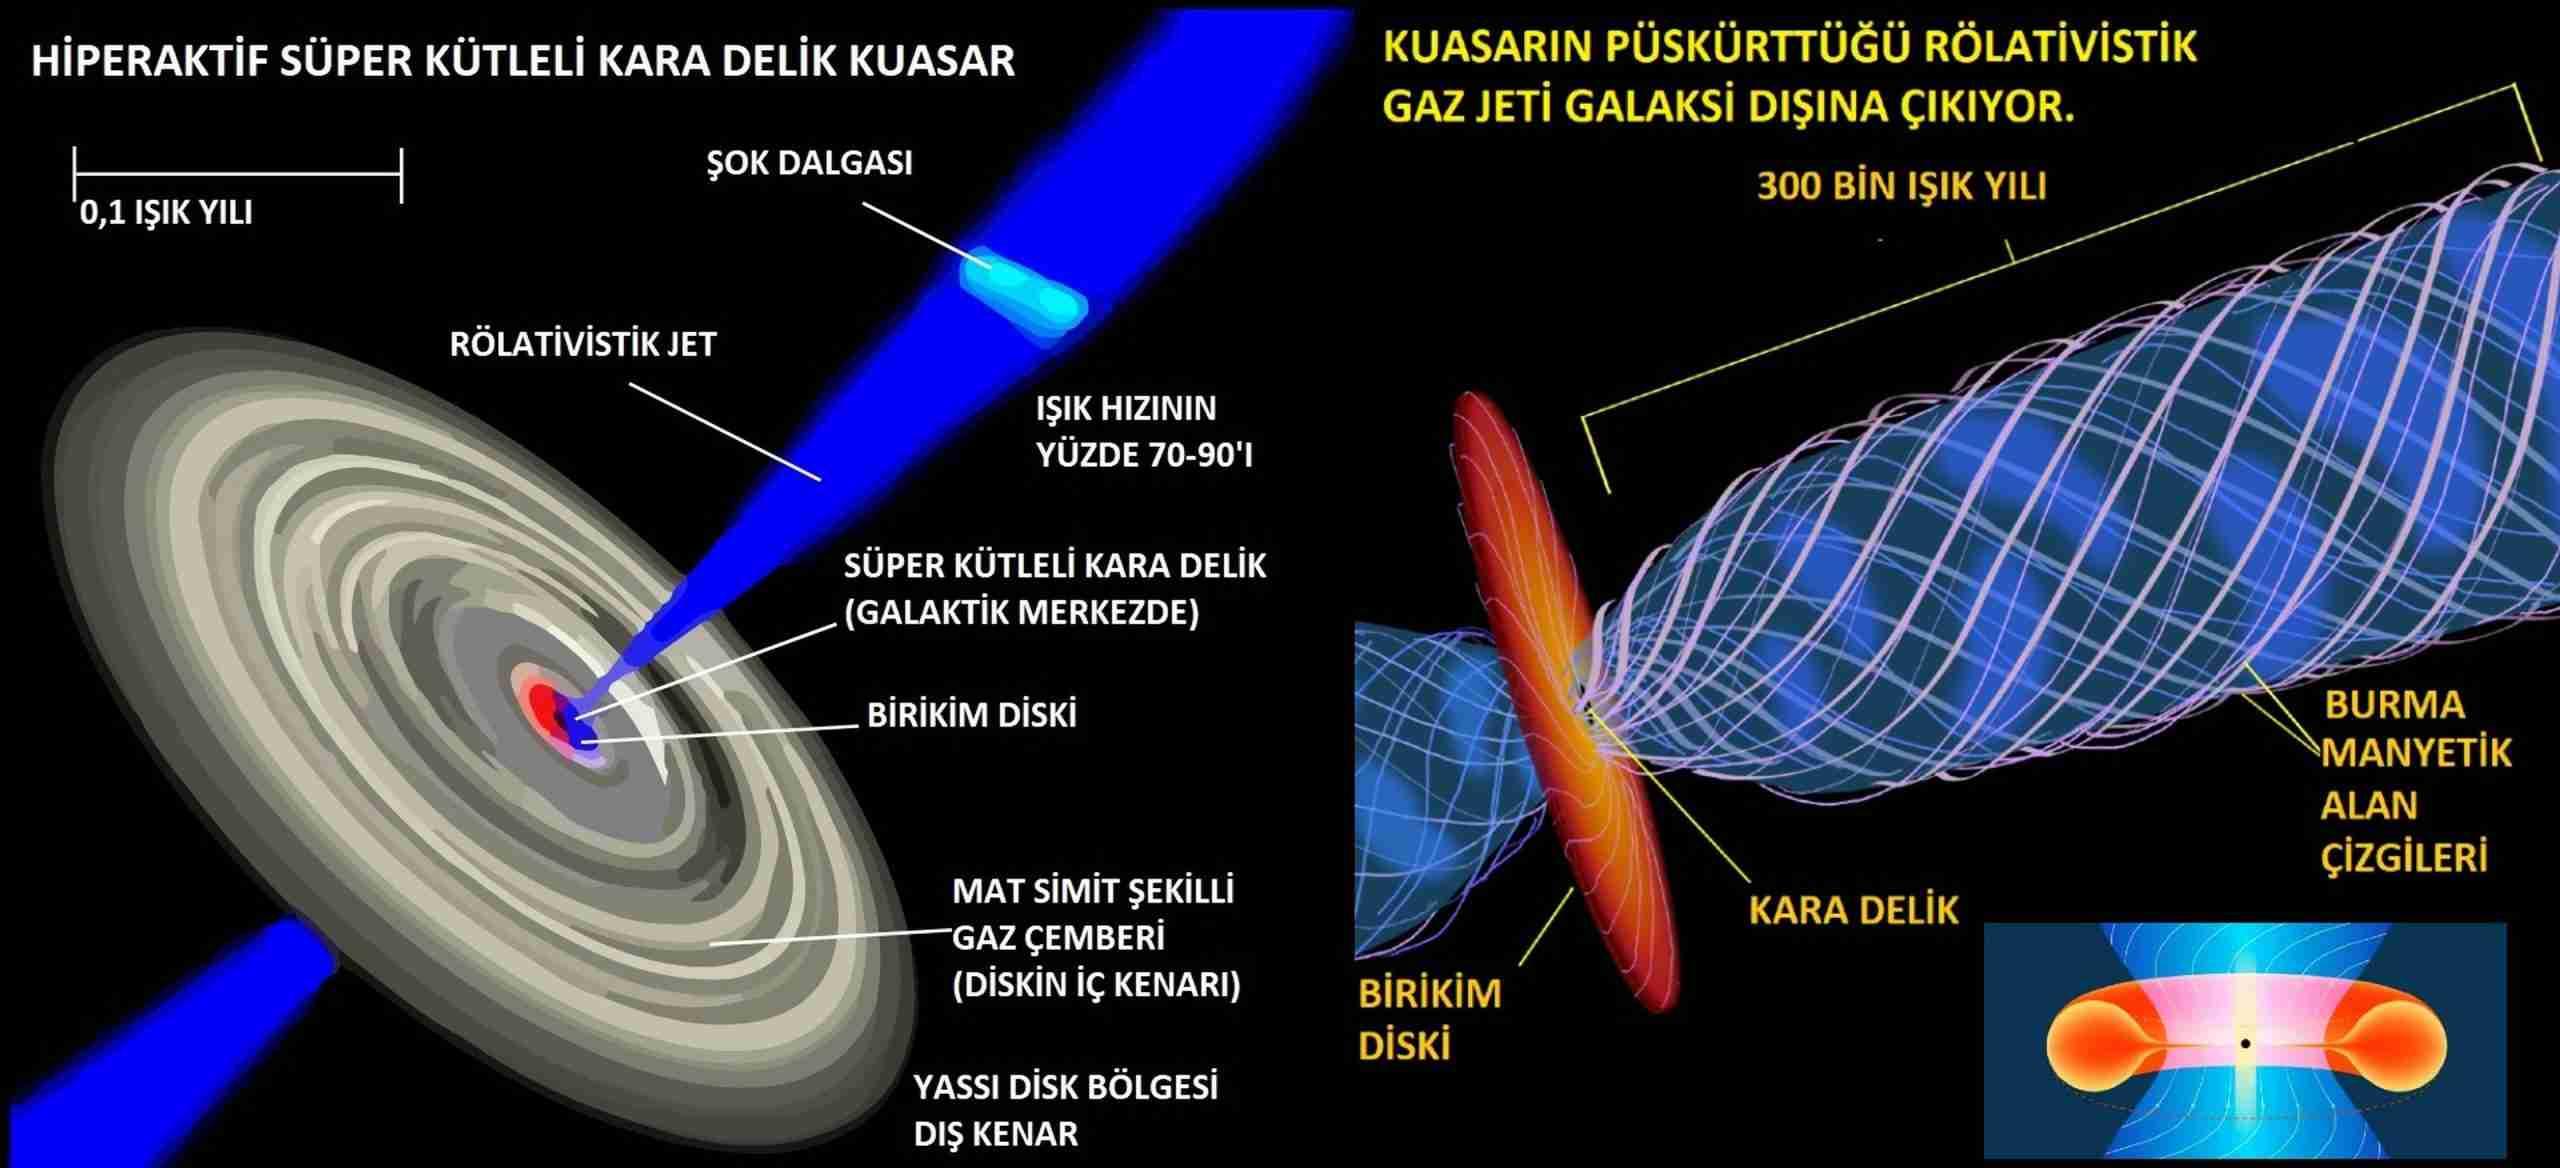 Doğadaki-en-güçlü-4-parçacık-hızlandırıcısı-nedir